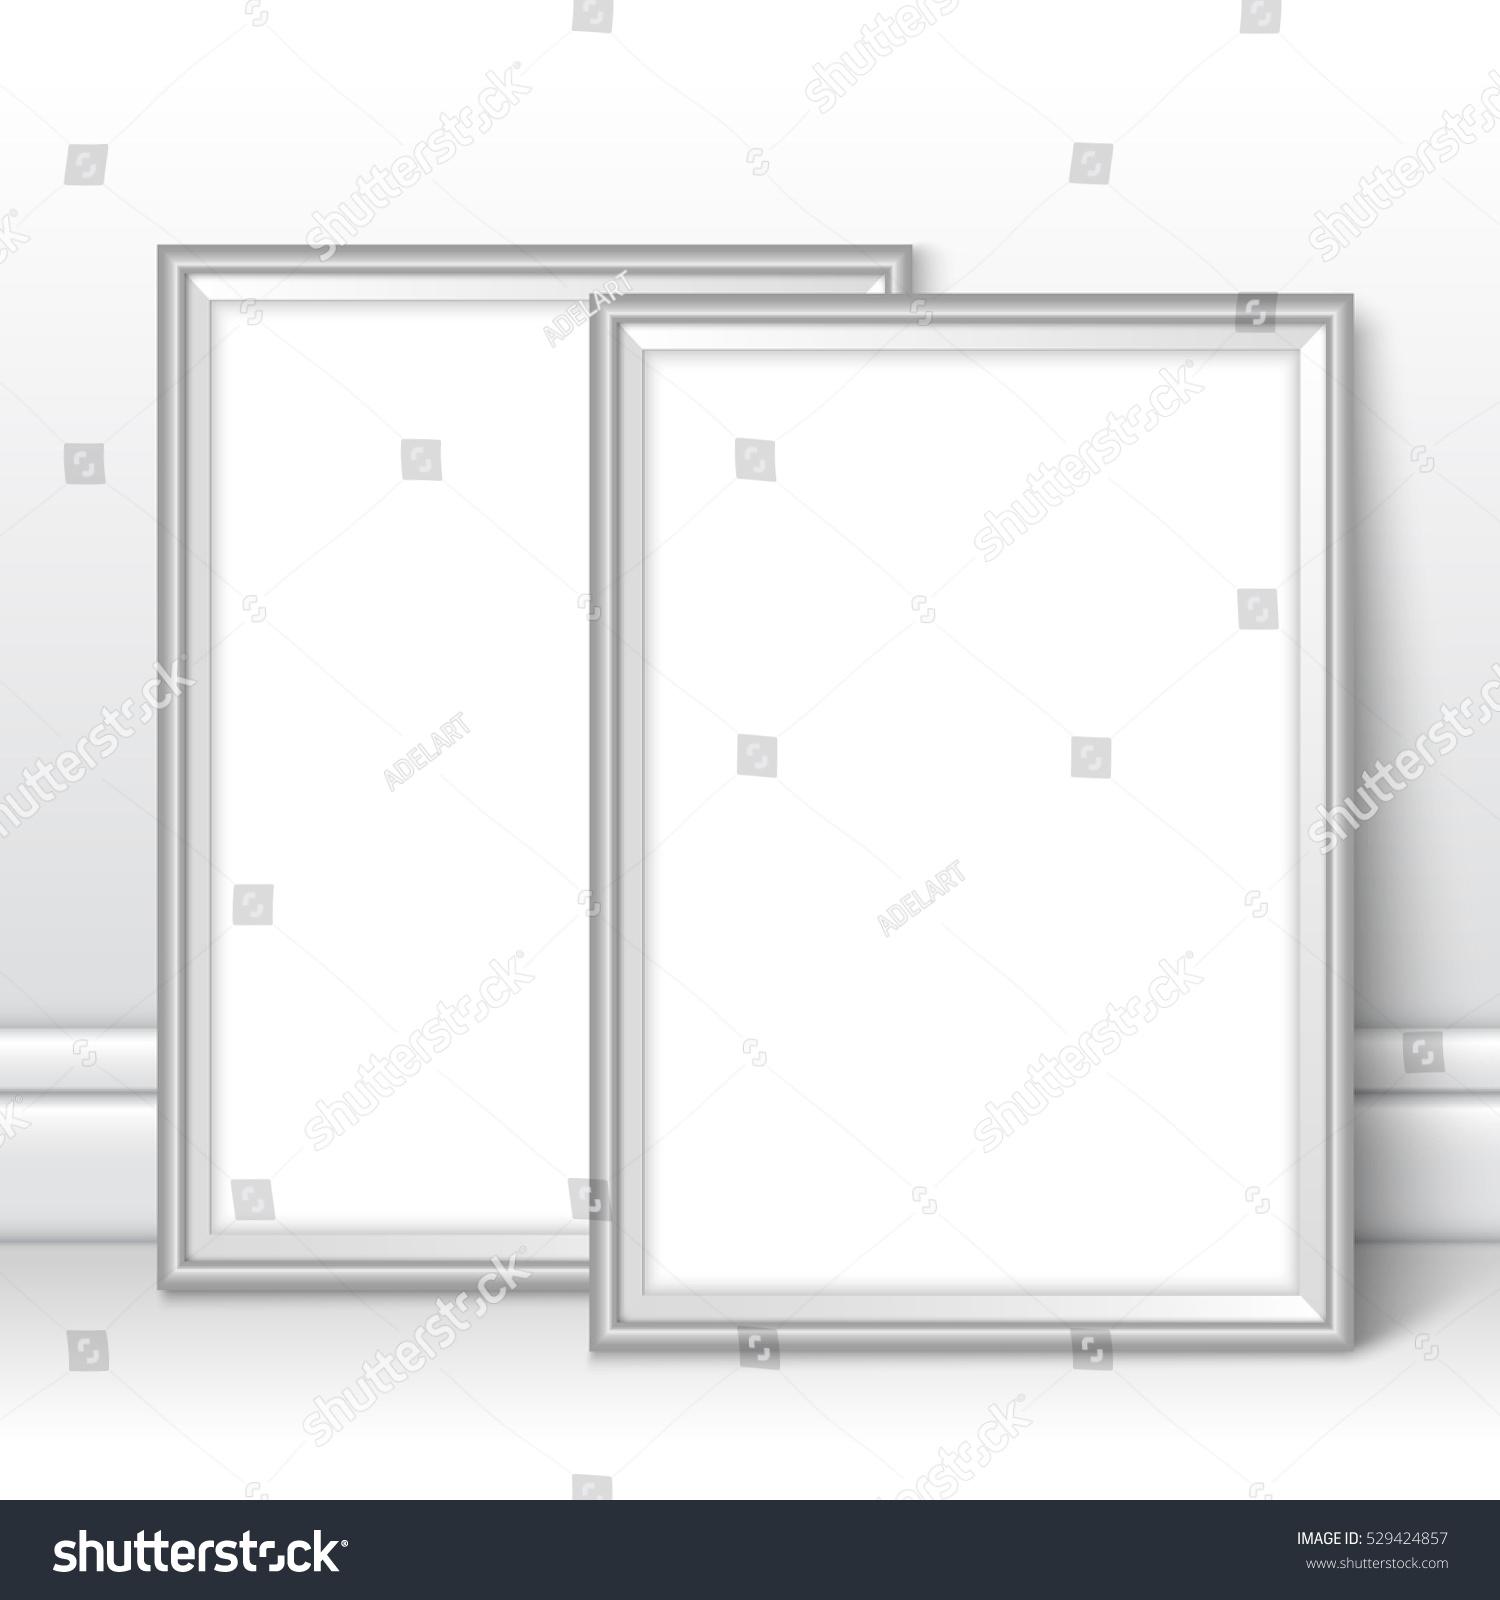 Silver Frames Template Near Wall Grey Stock Photo (Photo, Vector ...